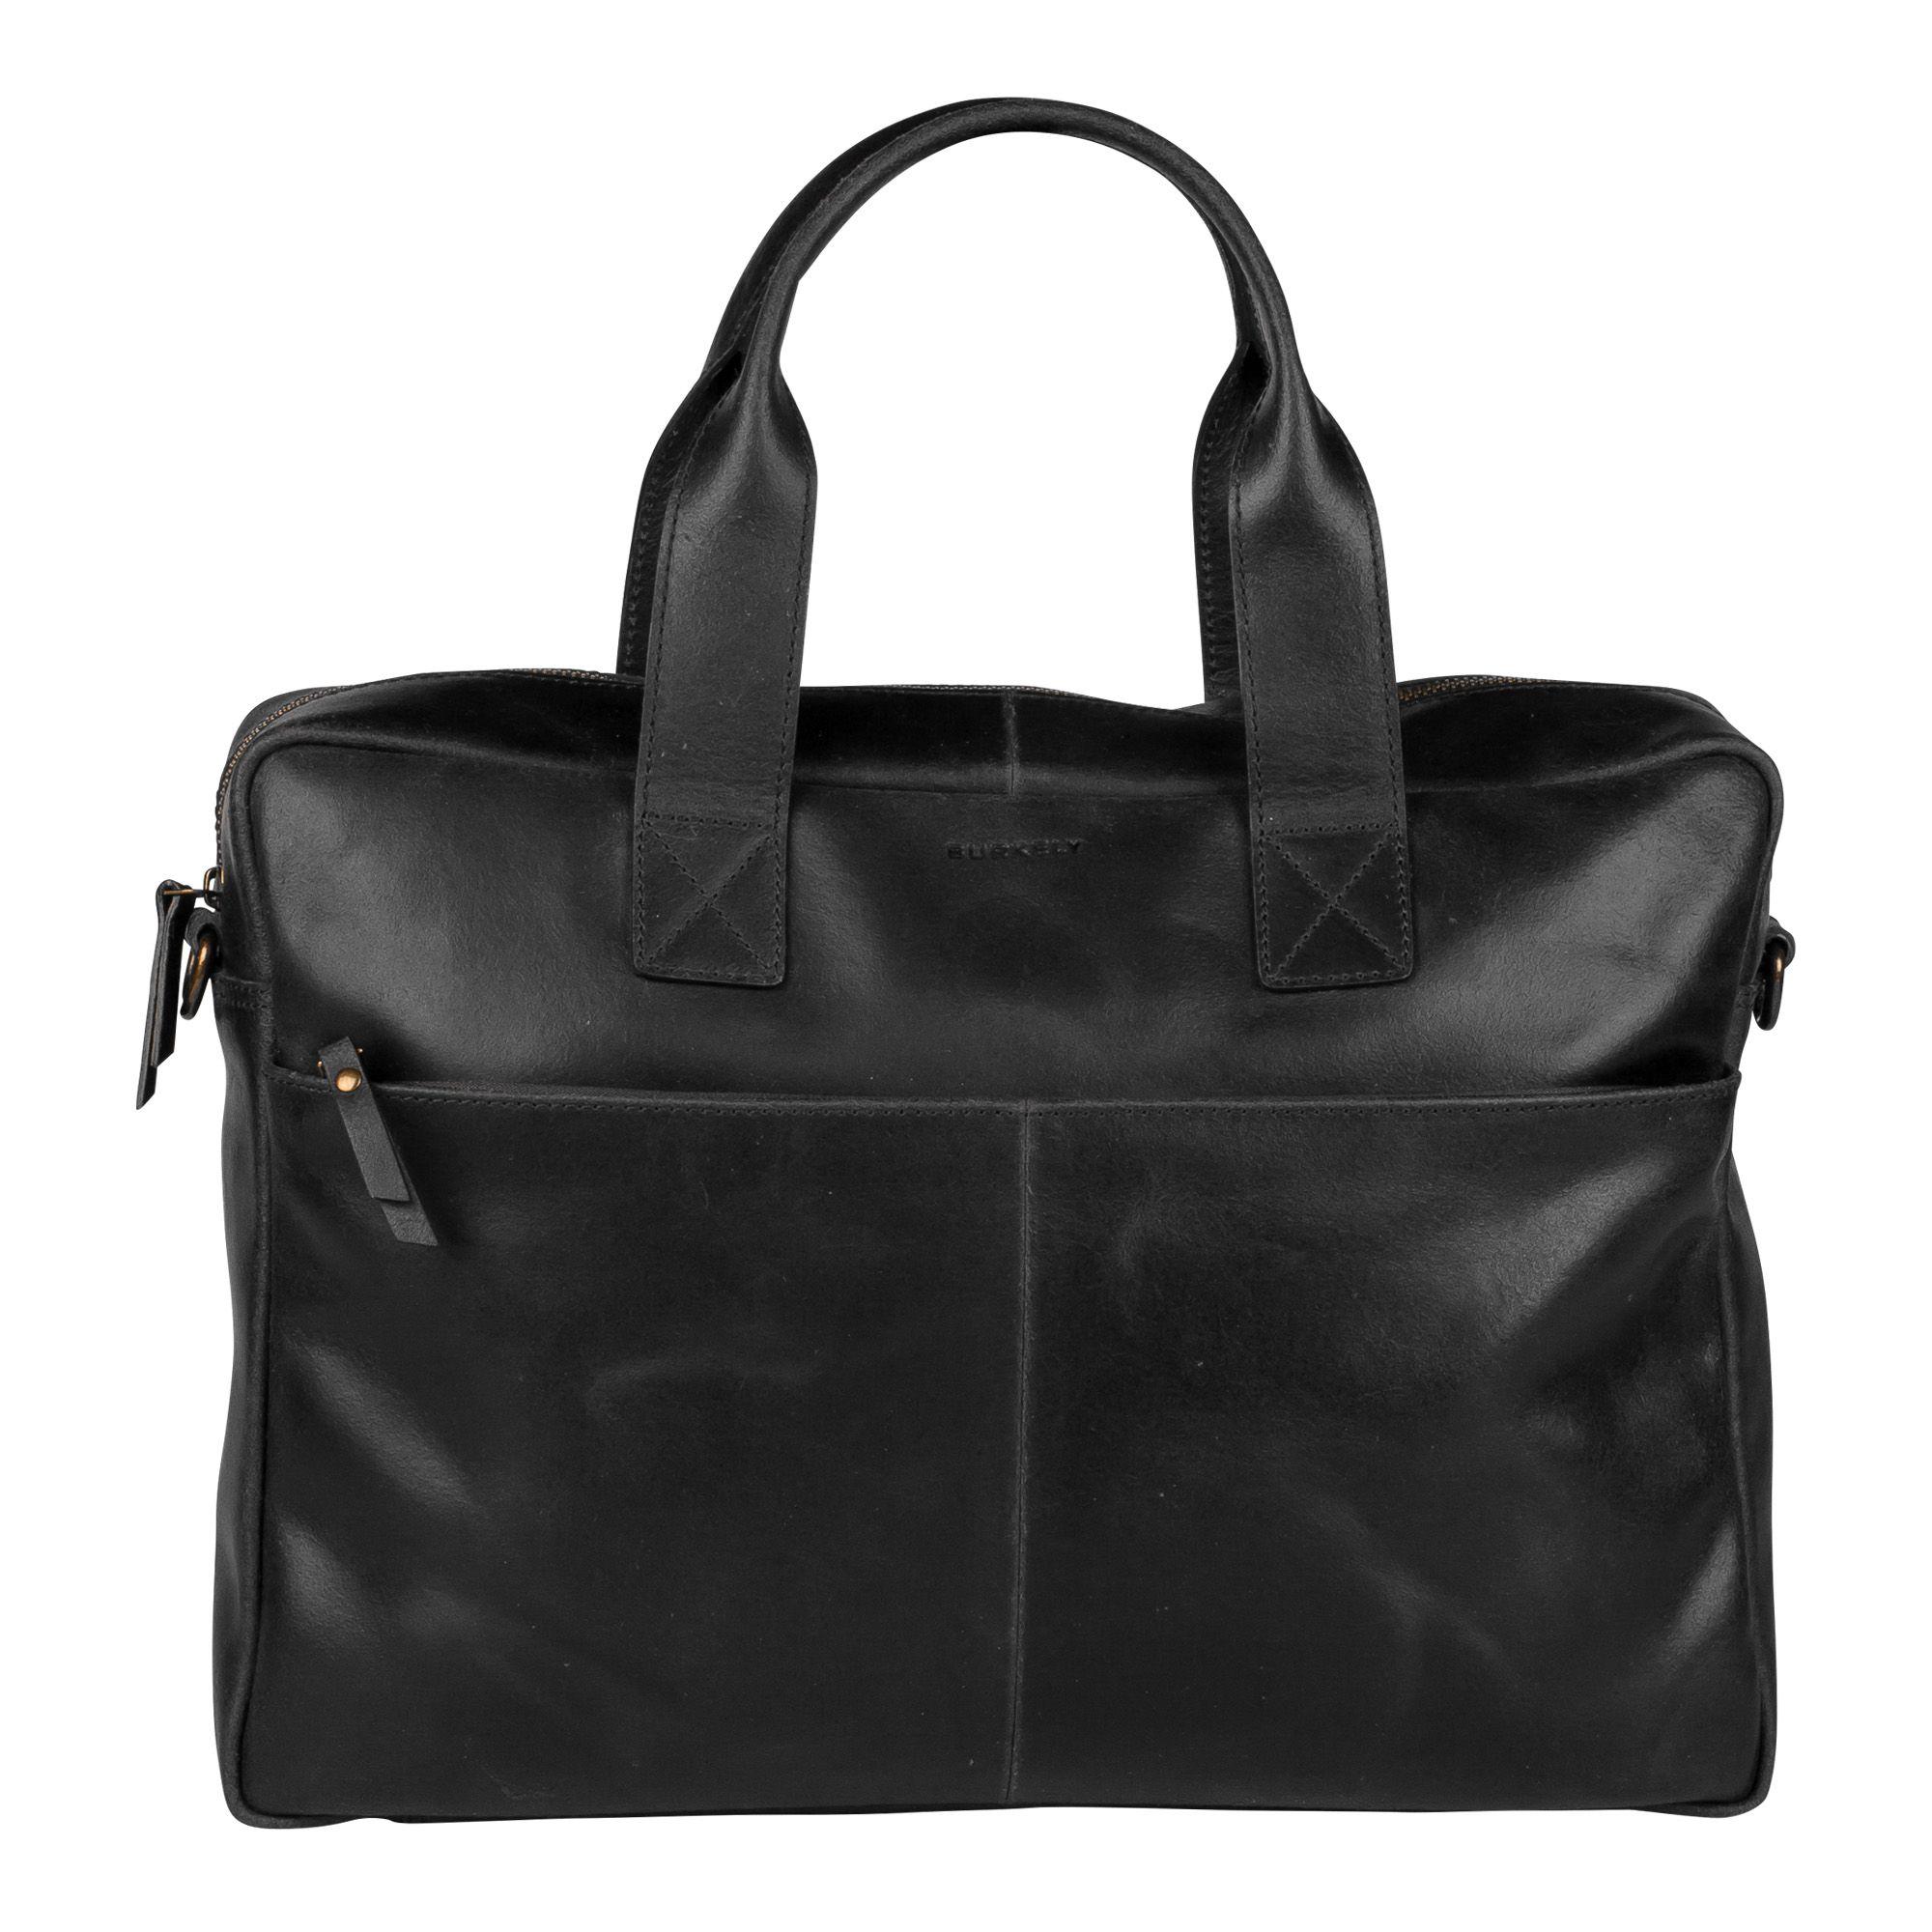 Burkely River Vintage Business Shoulderbag Black 15 inch